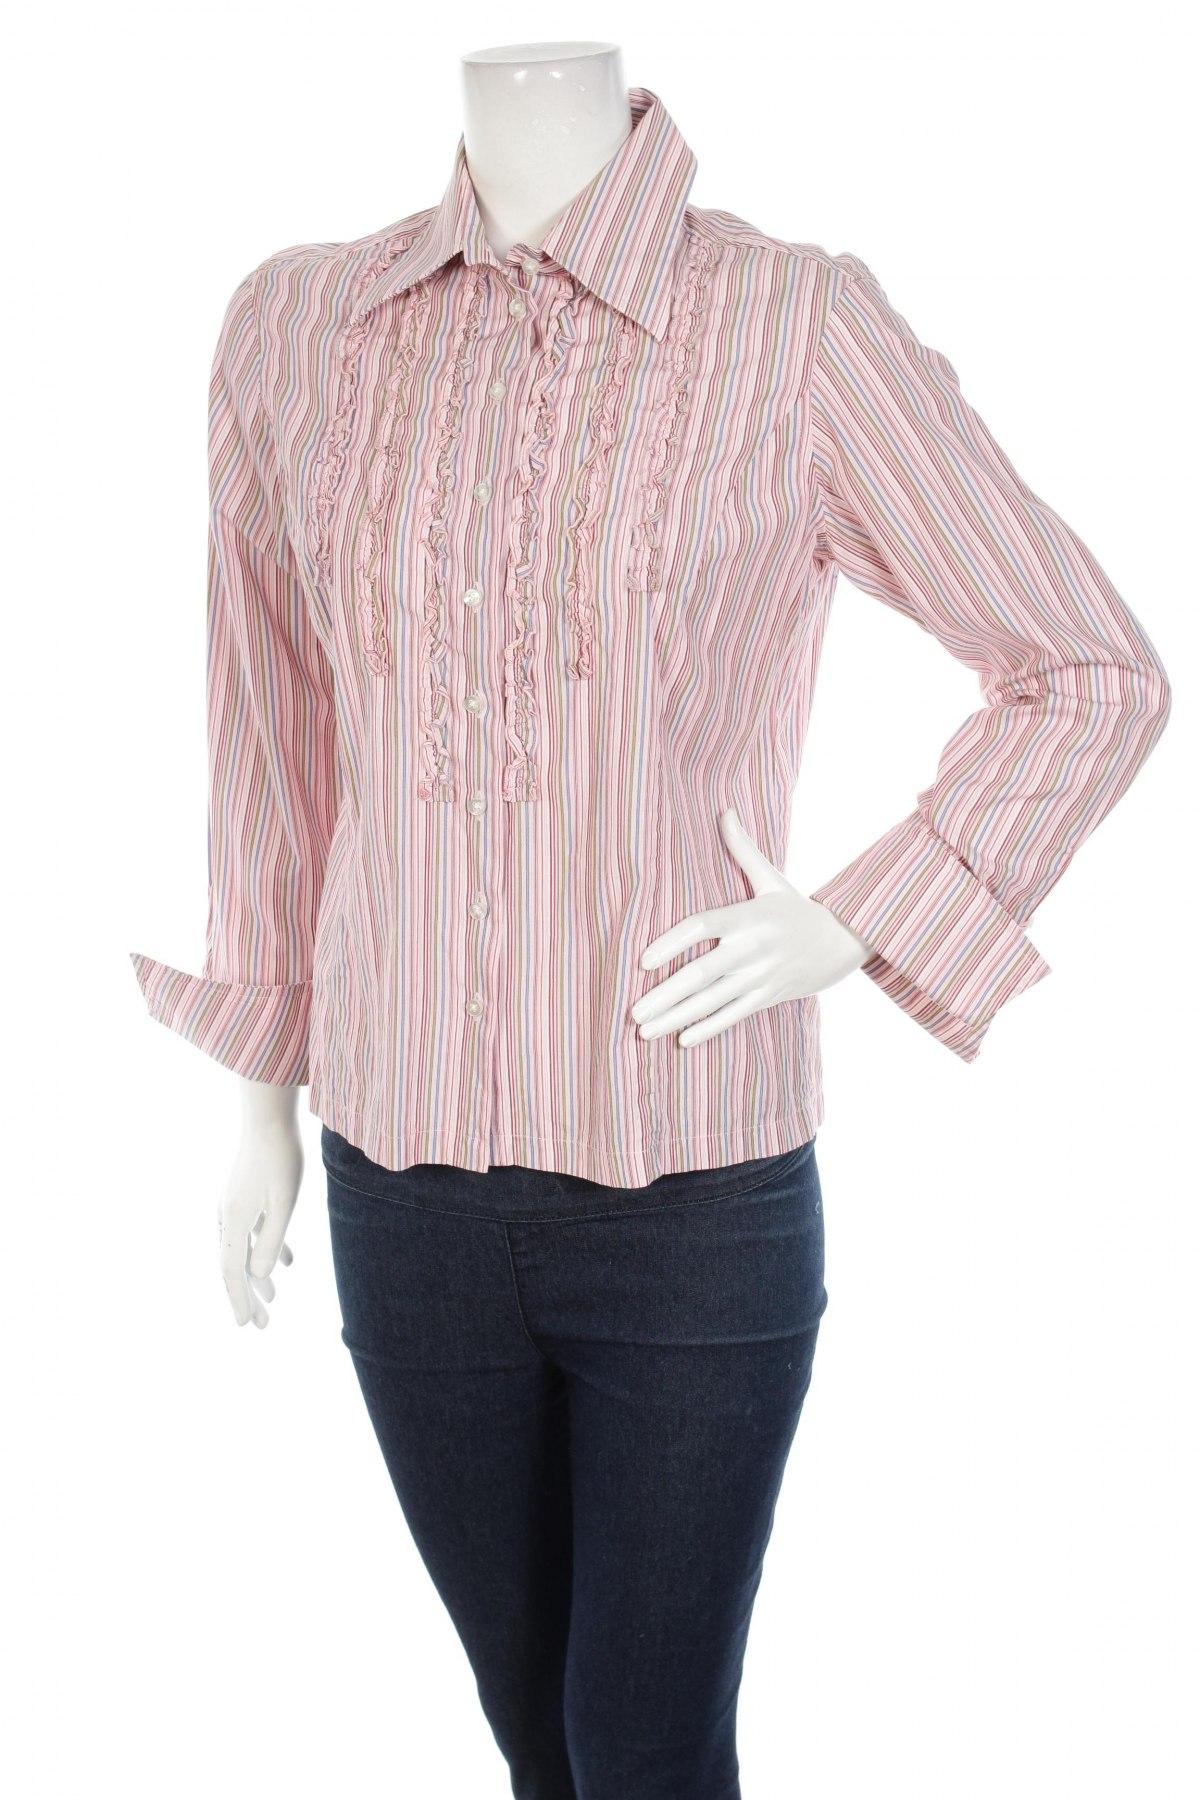 Γυναικείο πουκάμισο The Shirt Factory, Μέγεθος L, Χρώμα Πολύχρωμο, Βαμβάκι, Τιμή 12,99€